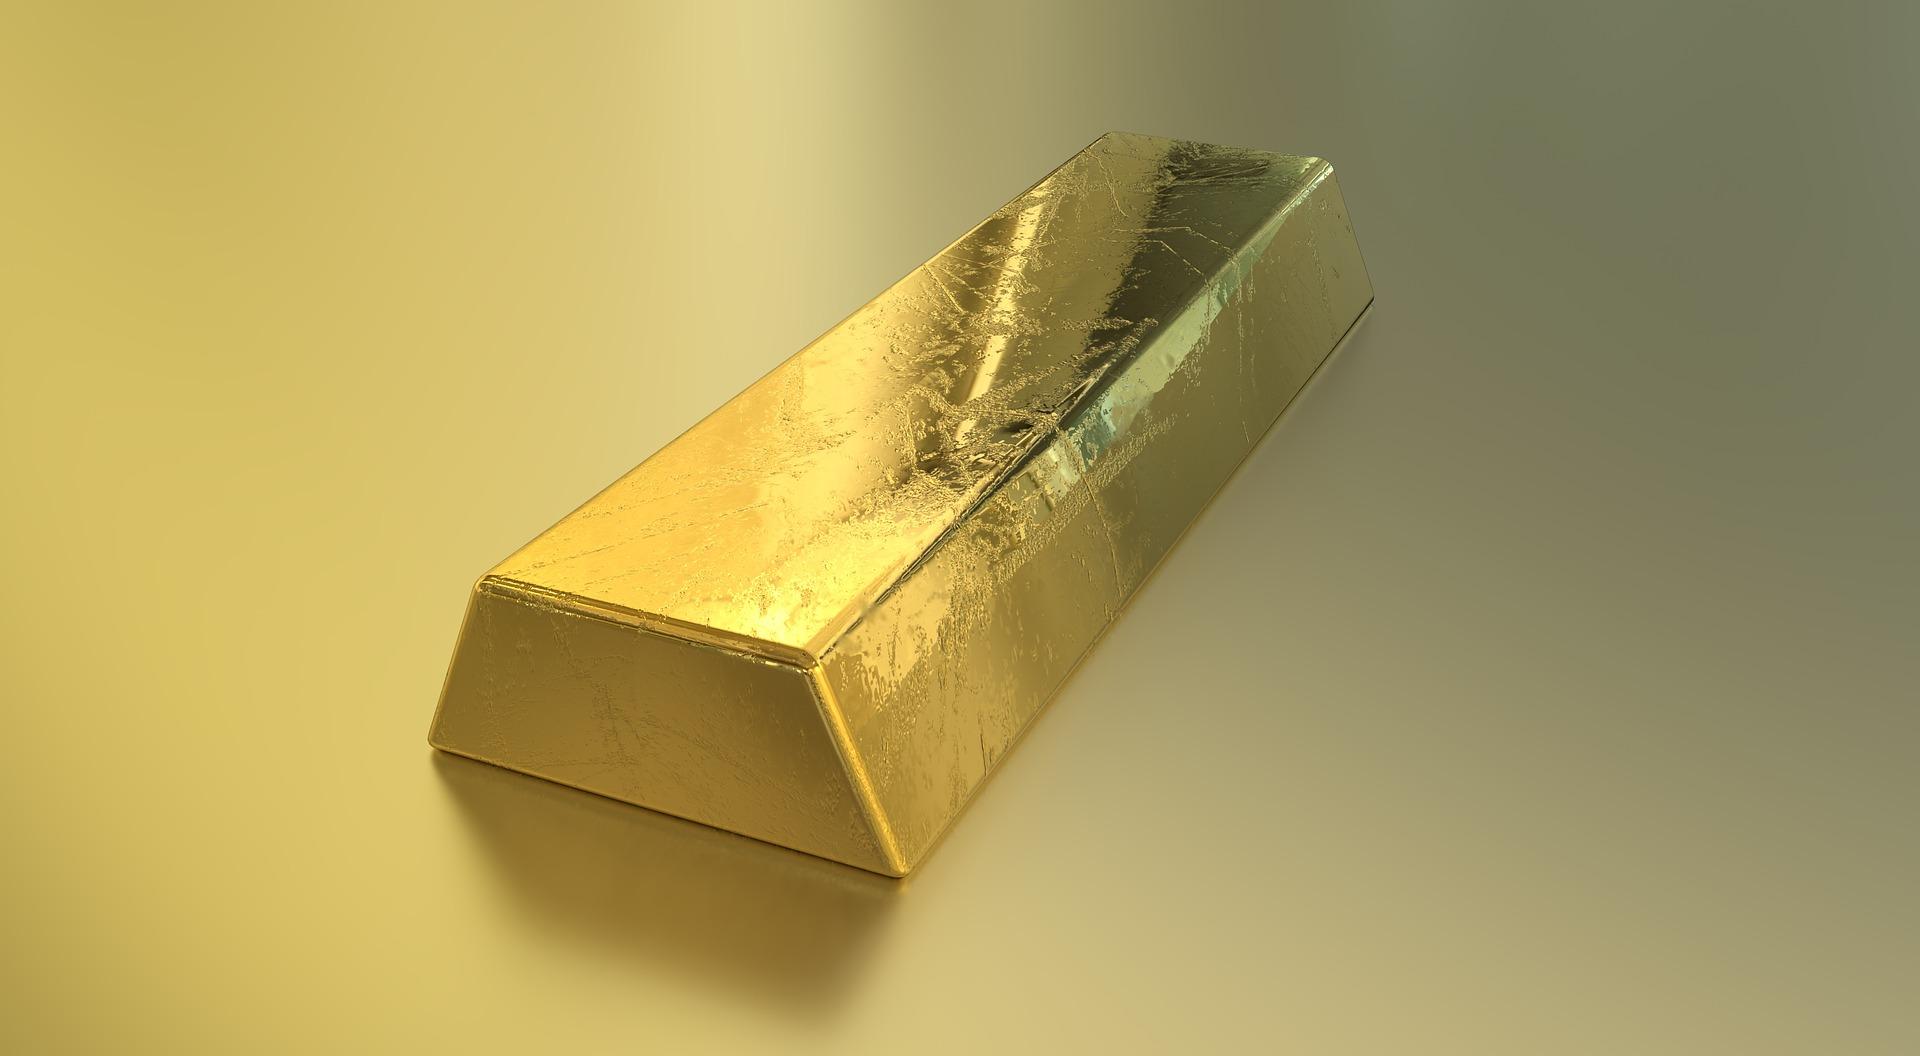 Ressourcenwende - nachhaltiger Goldabbau